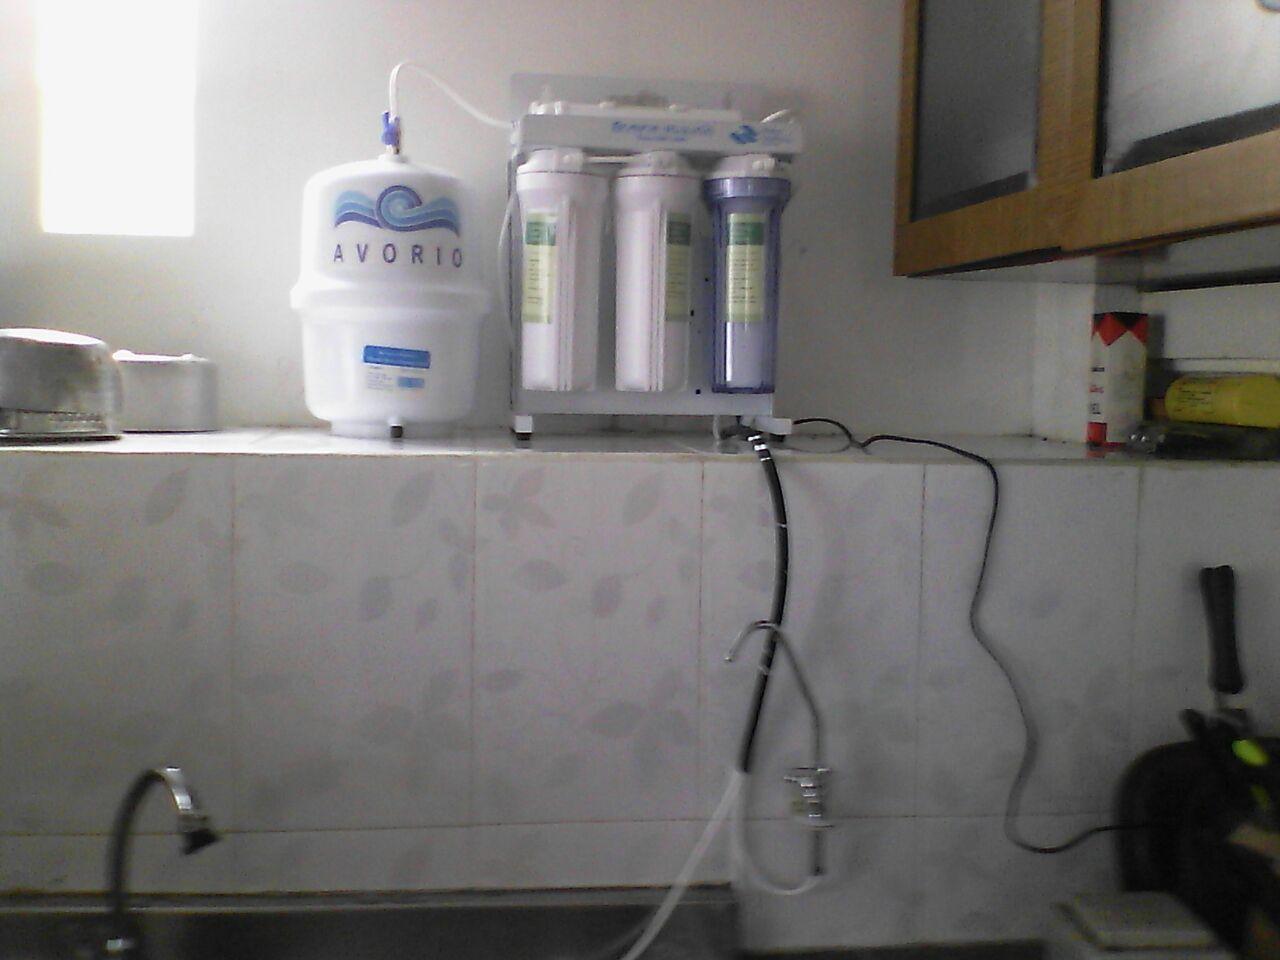 jual reverse osmosis dengan cek harga murah di cibubur, depok, tangerang, bekasi, bandung, bogor, cileungsi.